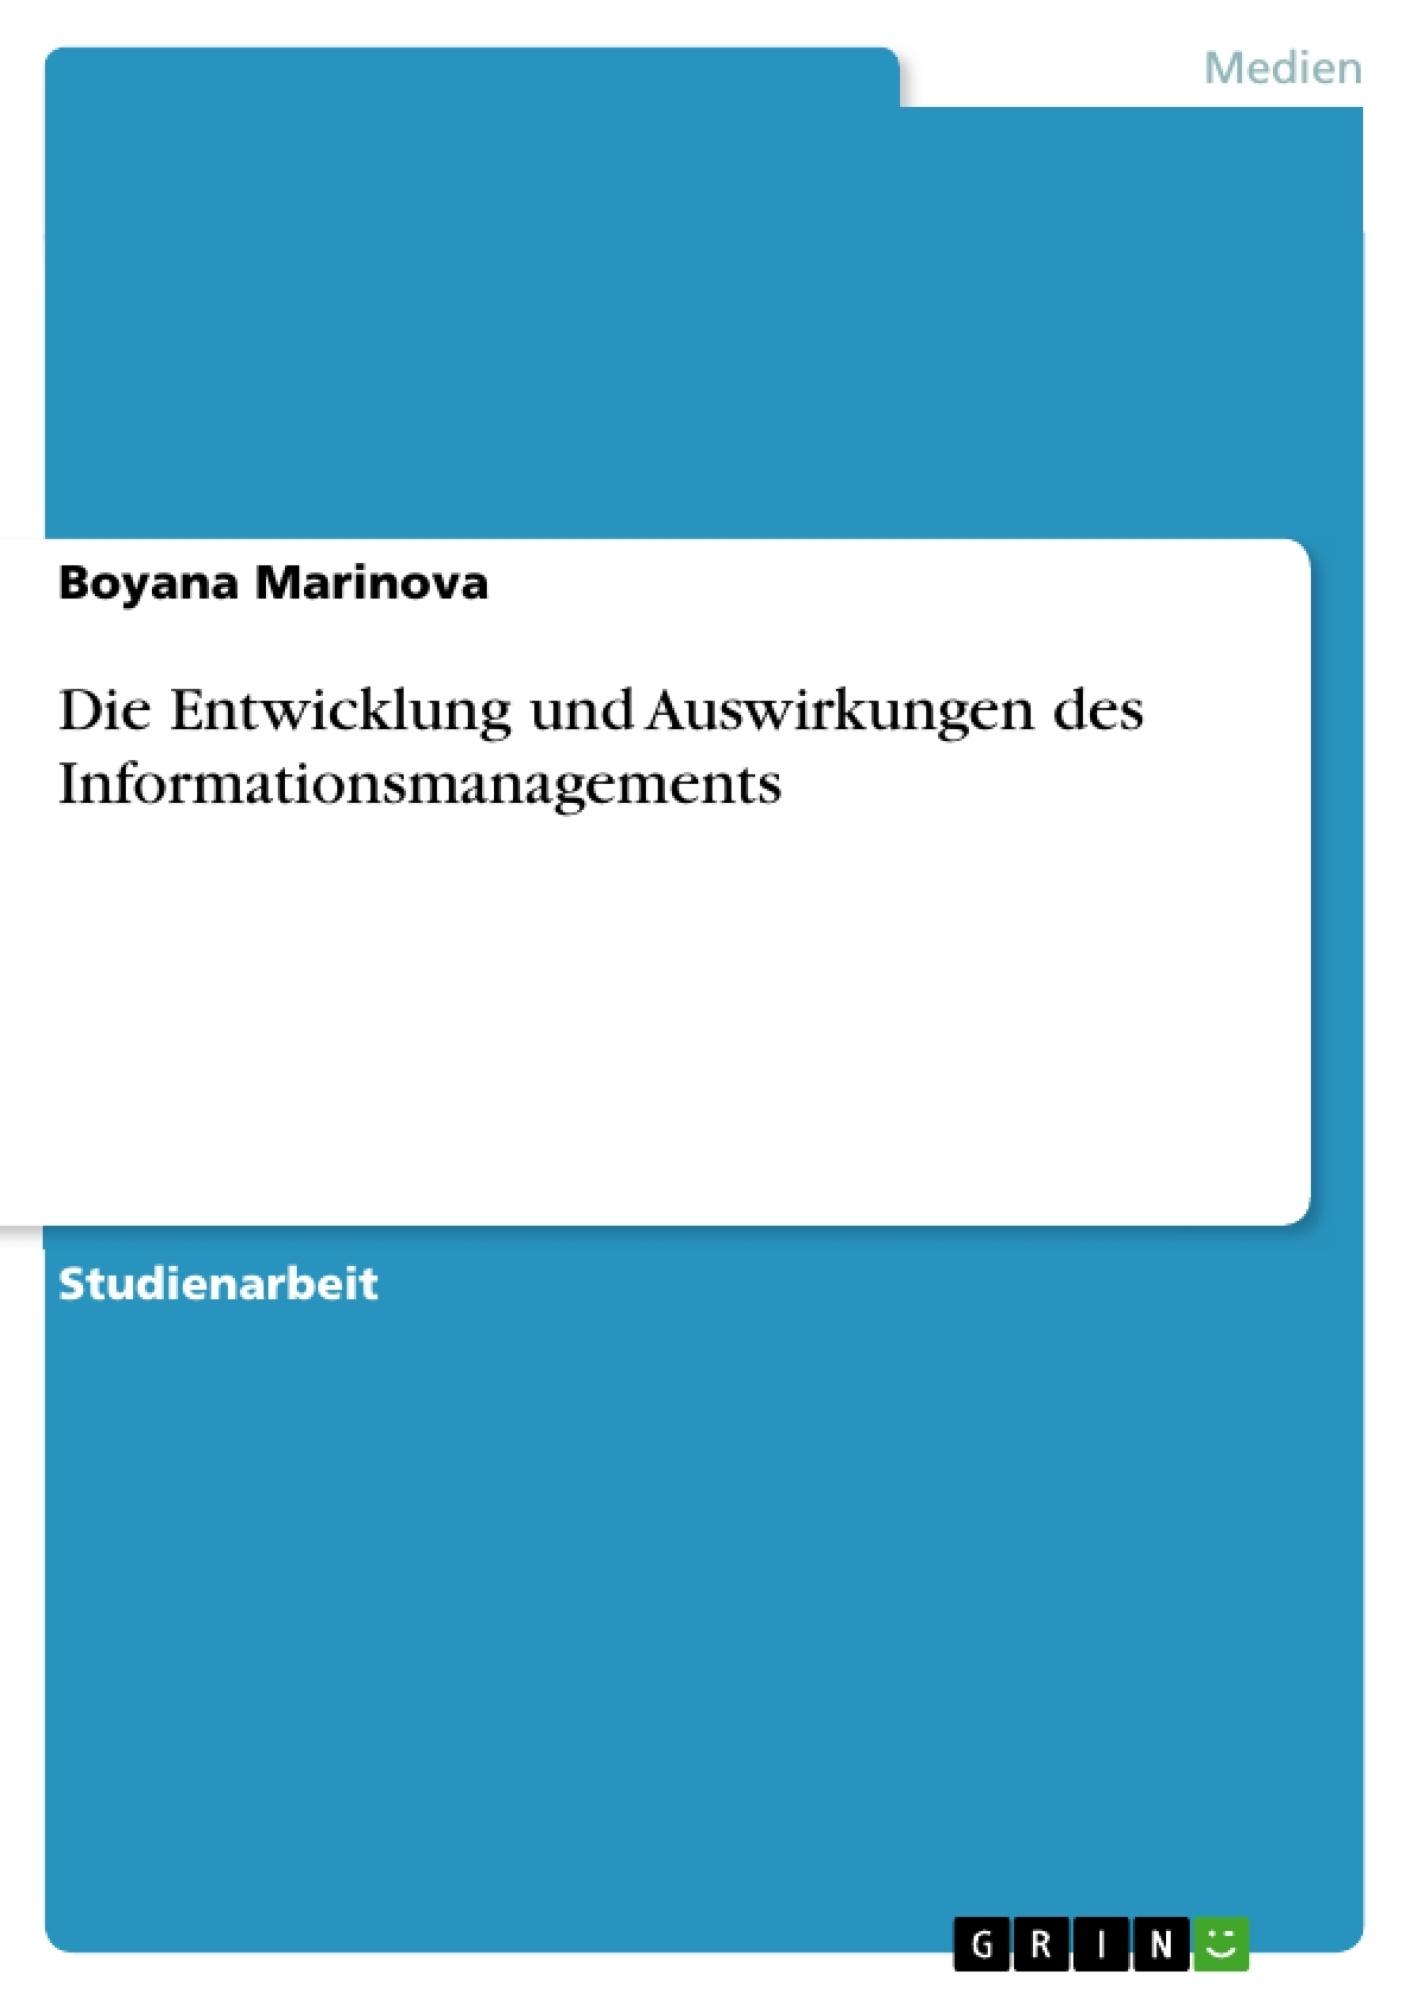 Titel: Die Entwicklung und Auswirkungen des Informationsmanagements